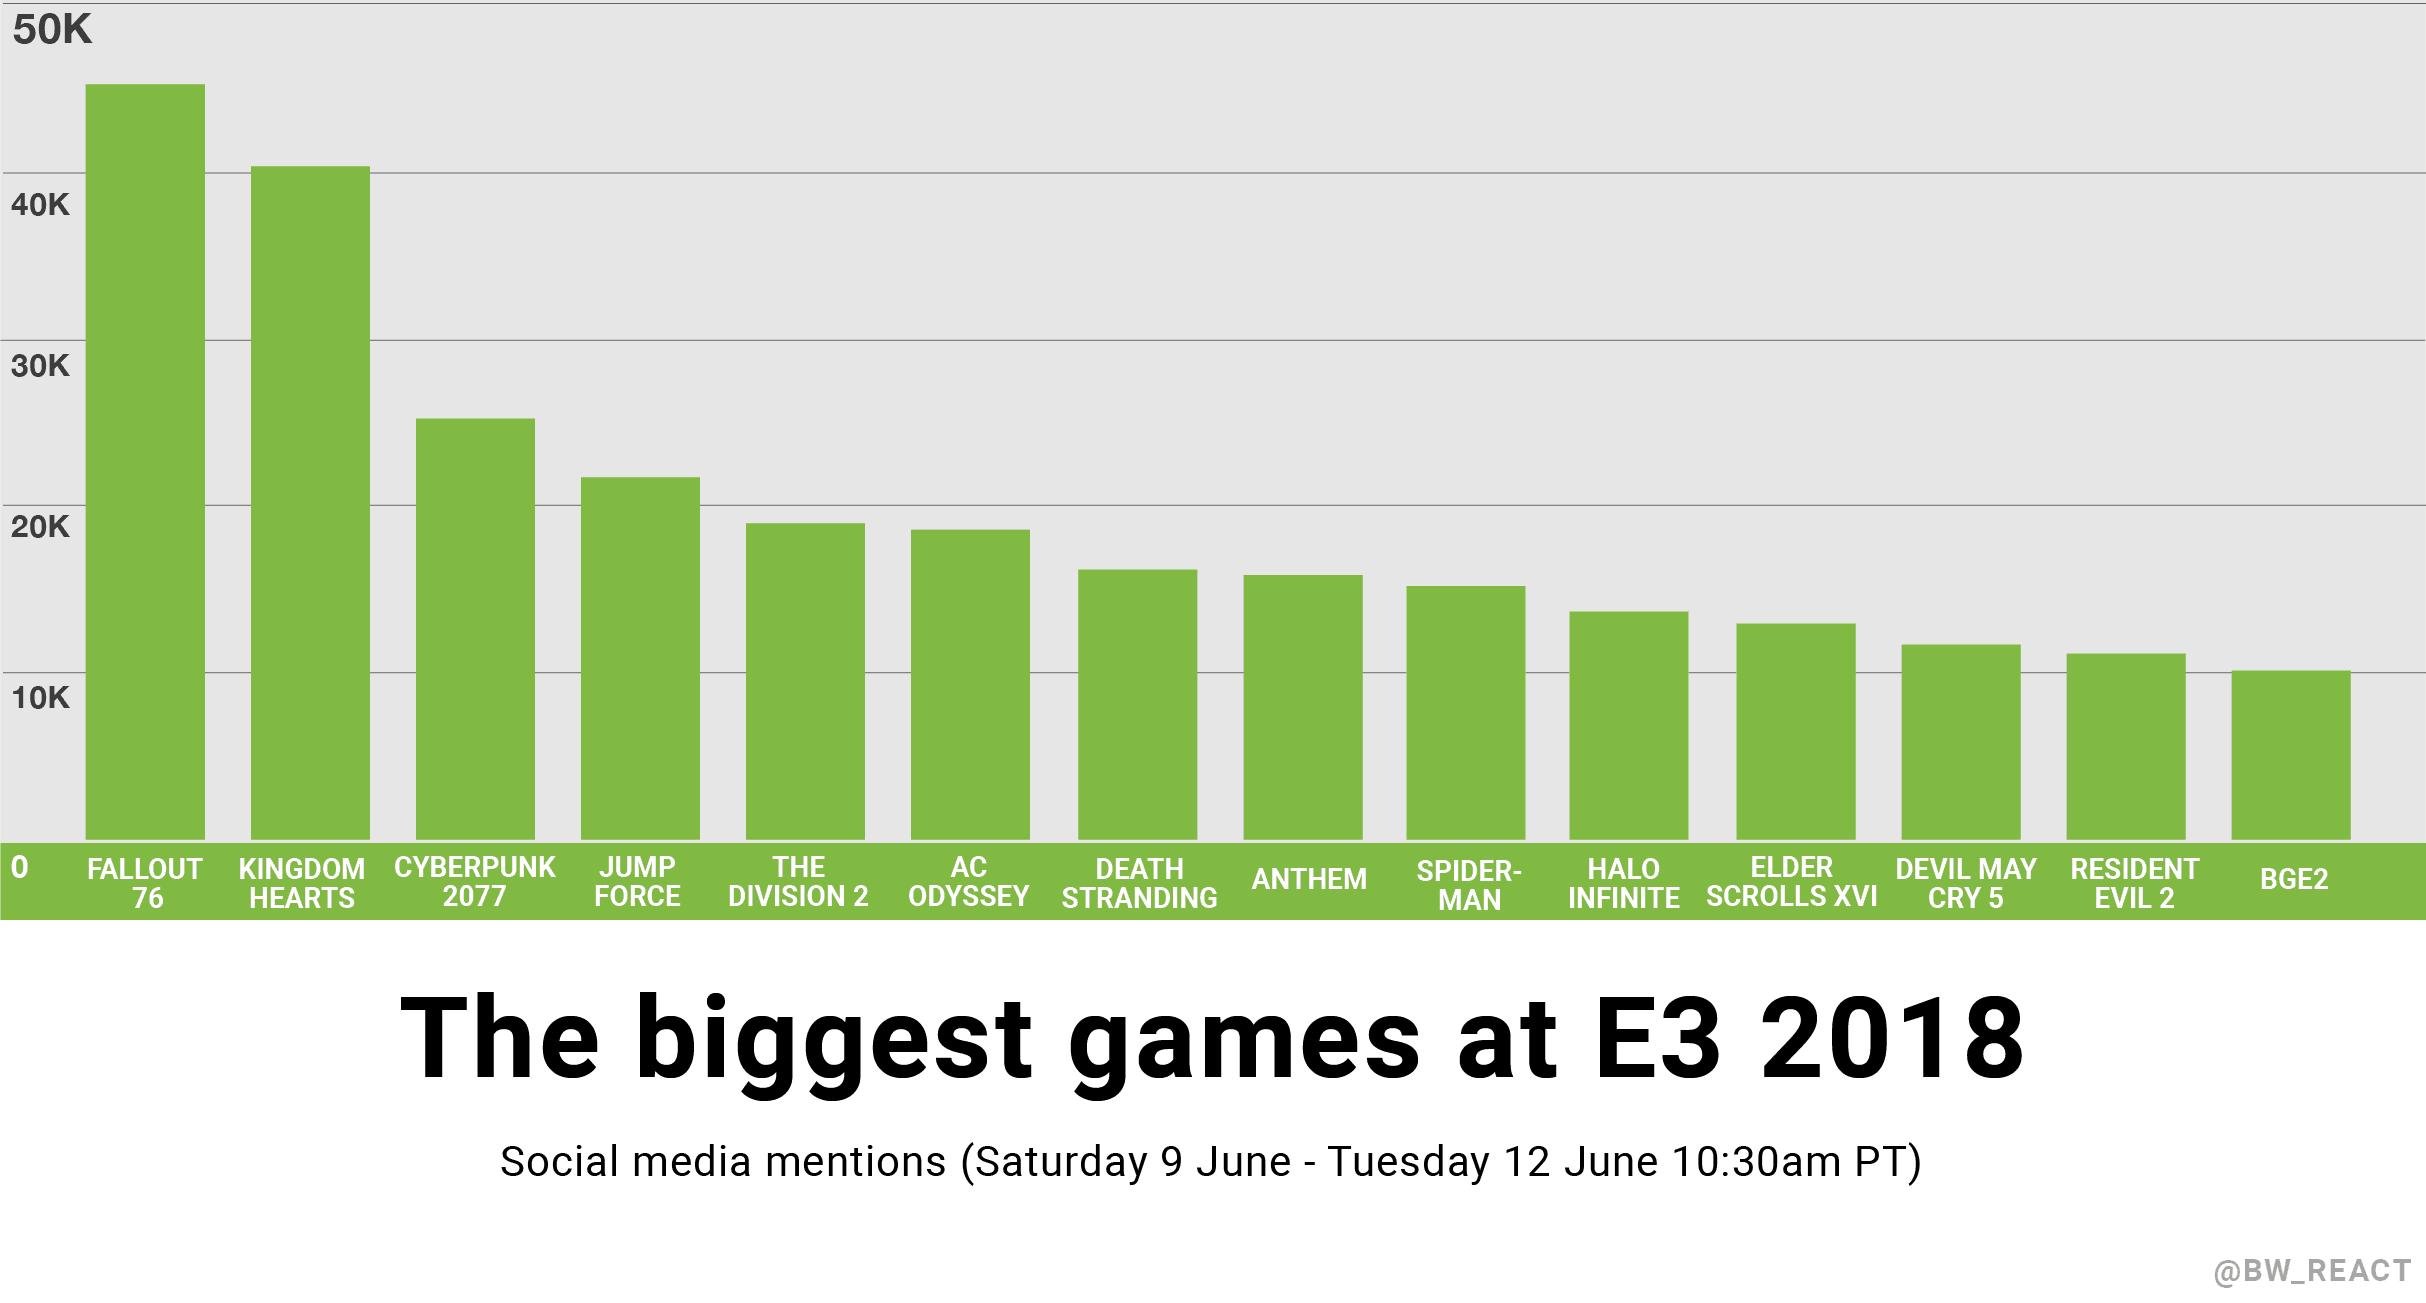 Biggest games at E3 2018